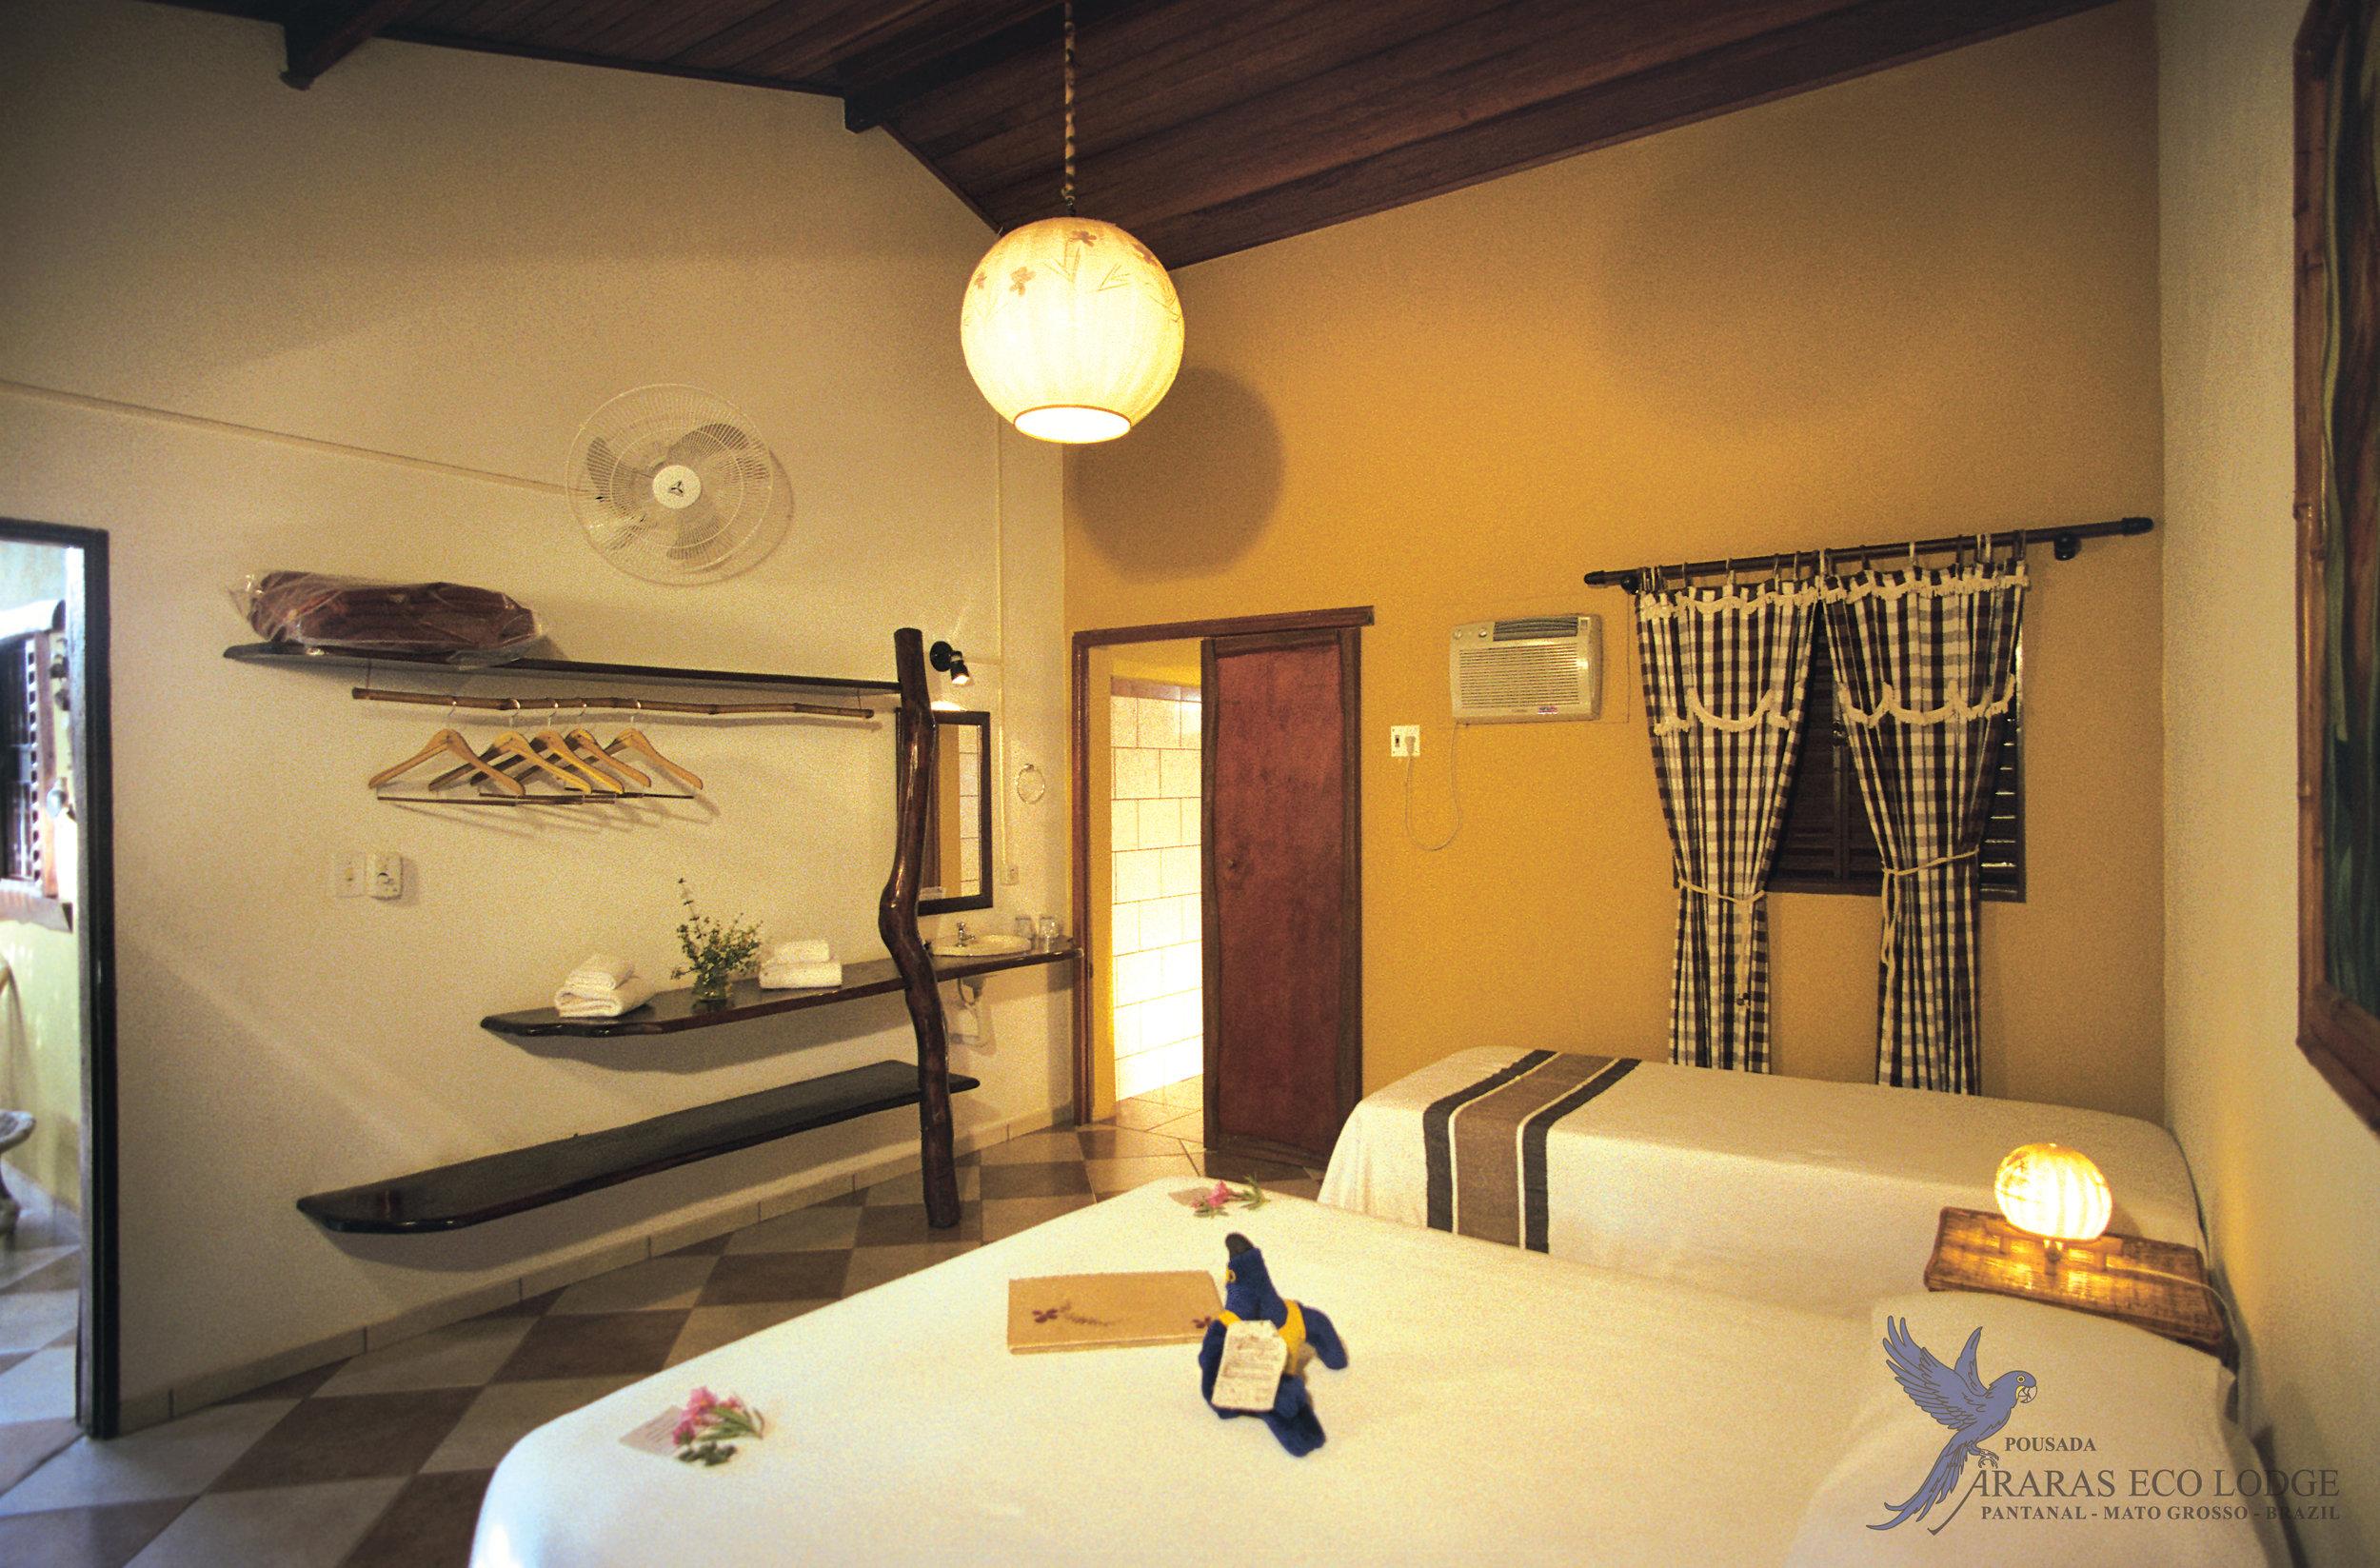 Accommodations at Araras Eco Lodge, Pantanal